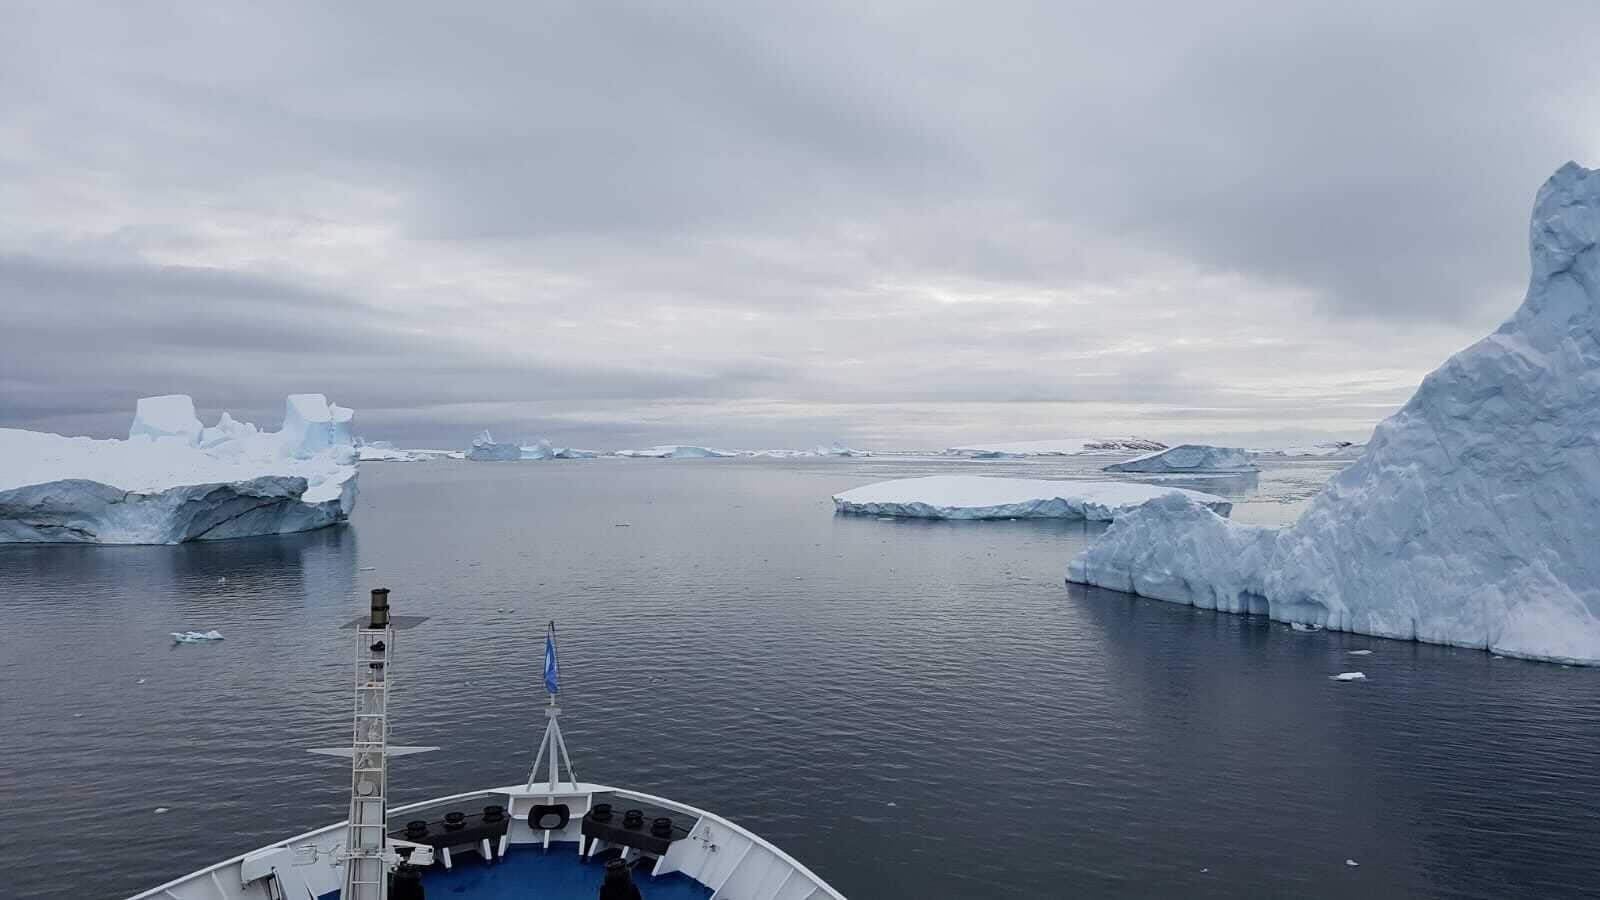 A ship navigates through icebergs in Antarctica